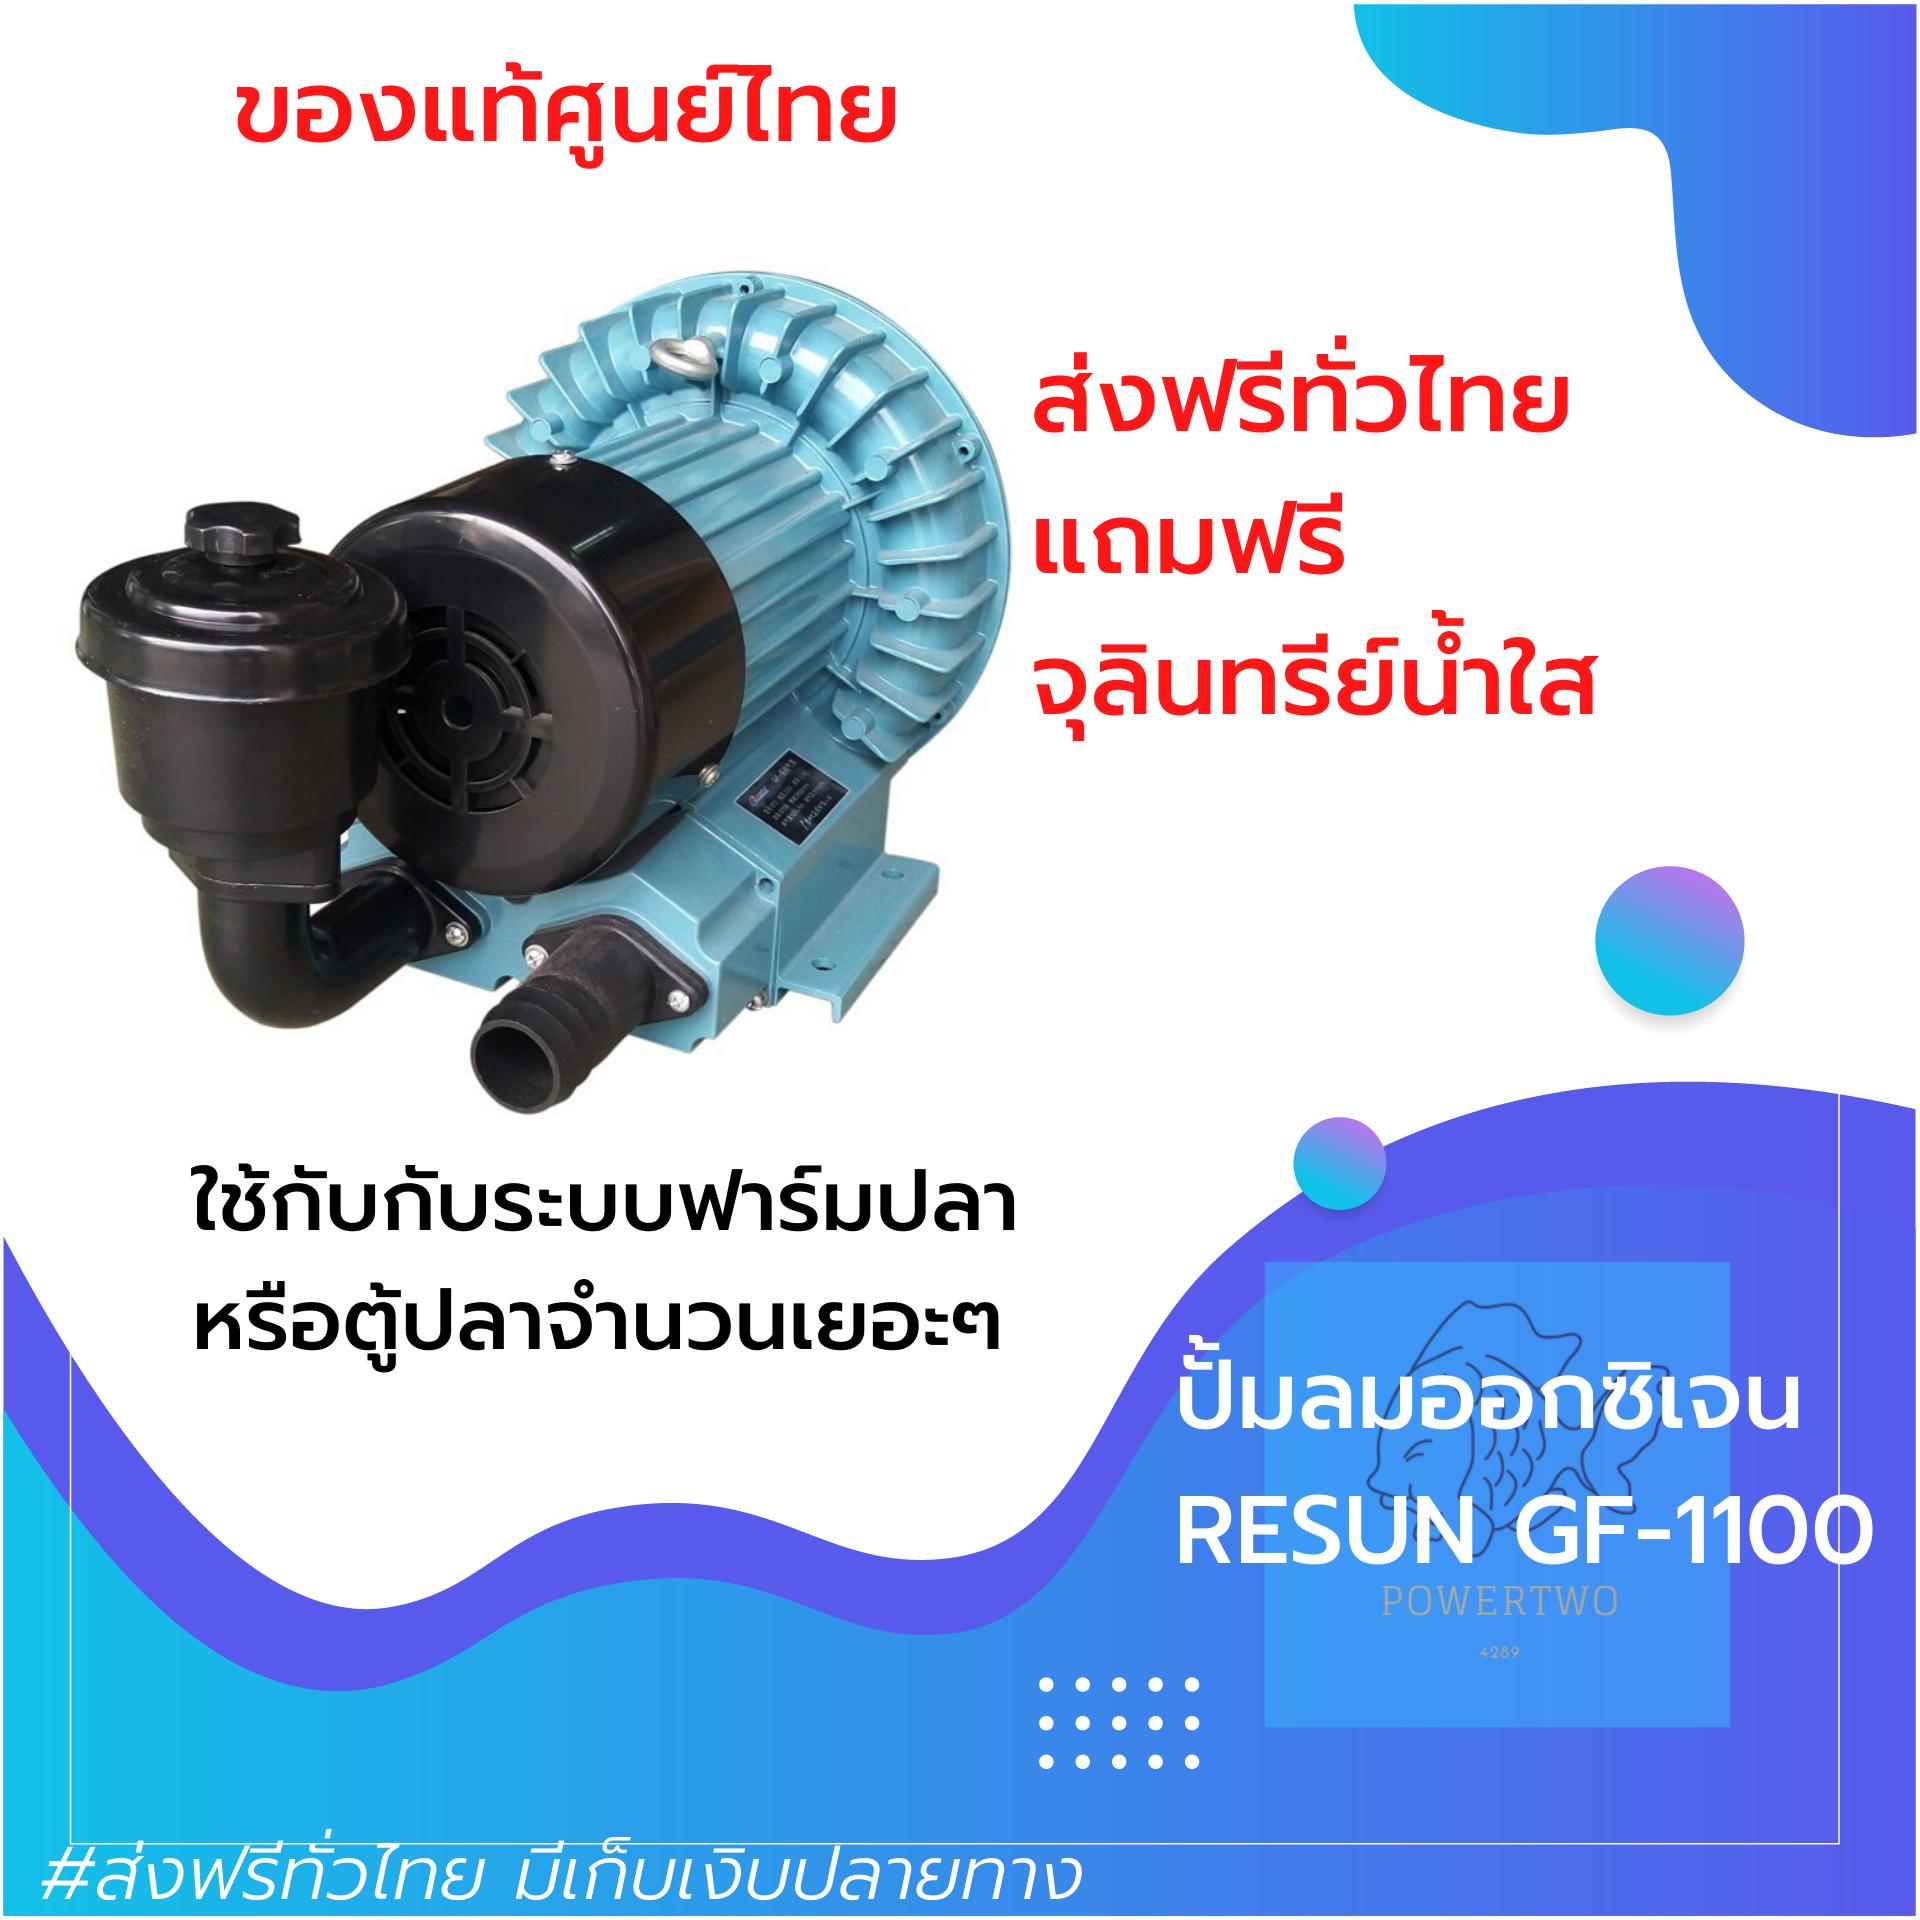 [[เครื่องศูนย์แท้]] ปั้มลมออกซิเจน ปั้มลมบ่อปลา สำหรับฟาร์มปลา หรือใช้กับตู้ปลาจำนวนมาก ปั๊มลมใบพัดไฟฟ้า RESUN GF 1100 by powertwo4289